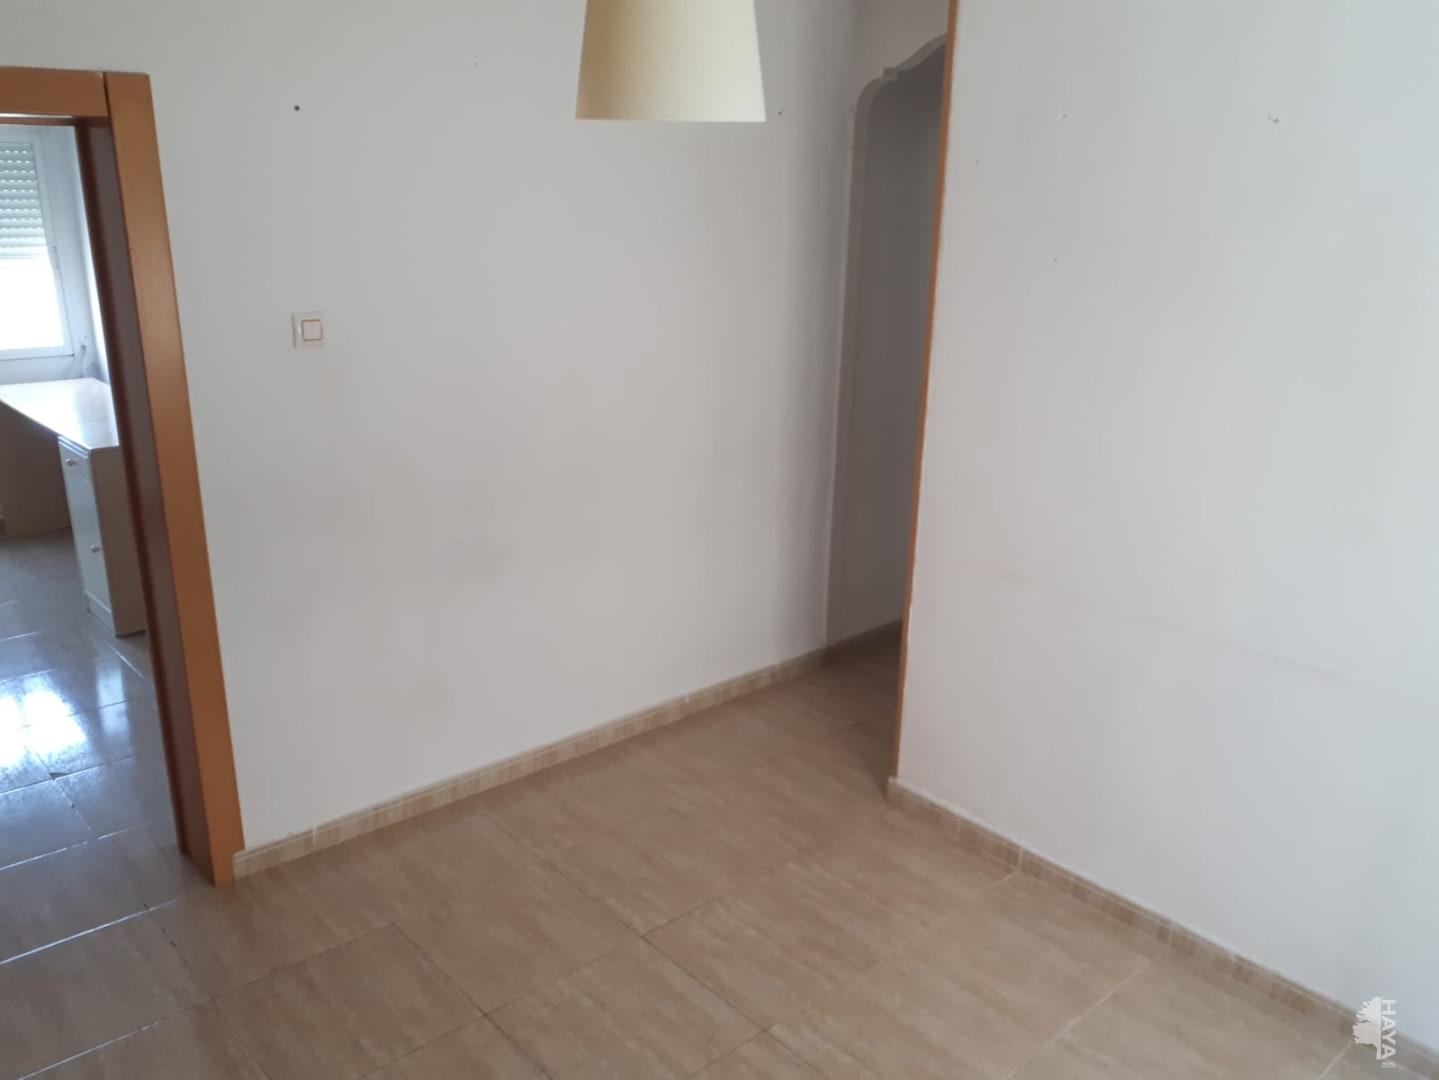 Piso en venta en Los Ángeles, Alicante/alacant, Alicante, Calle Villa de Chiva, 30.990 €, 3 habitaciones, 1 baño, 78 m2